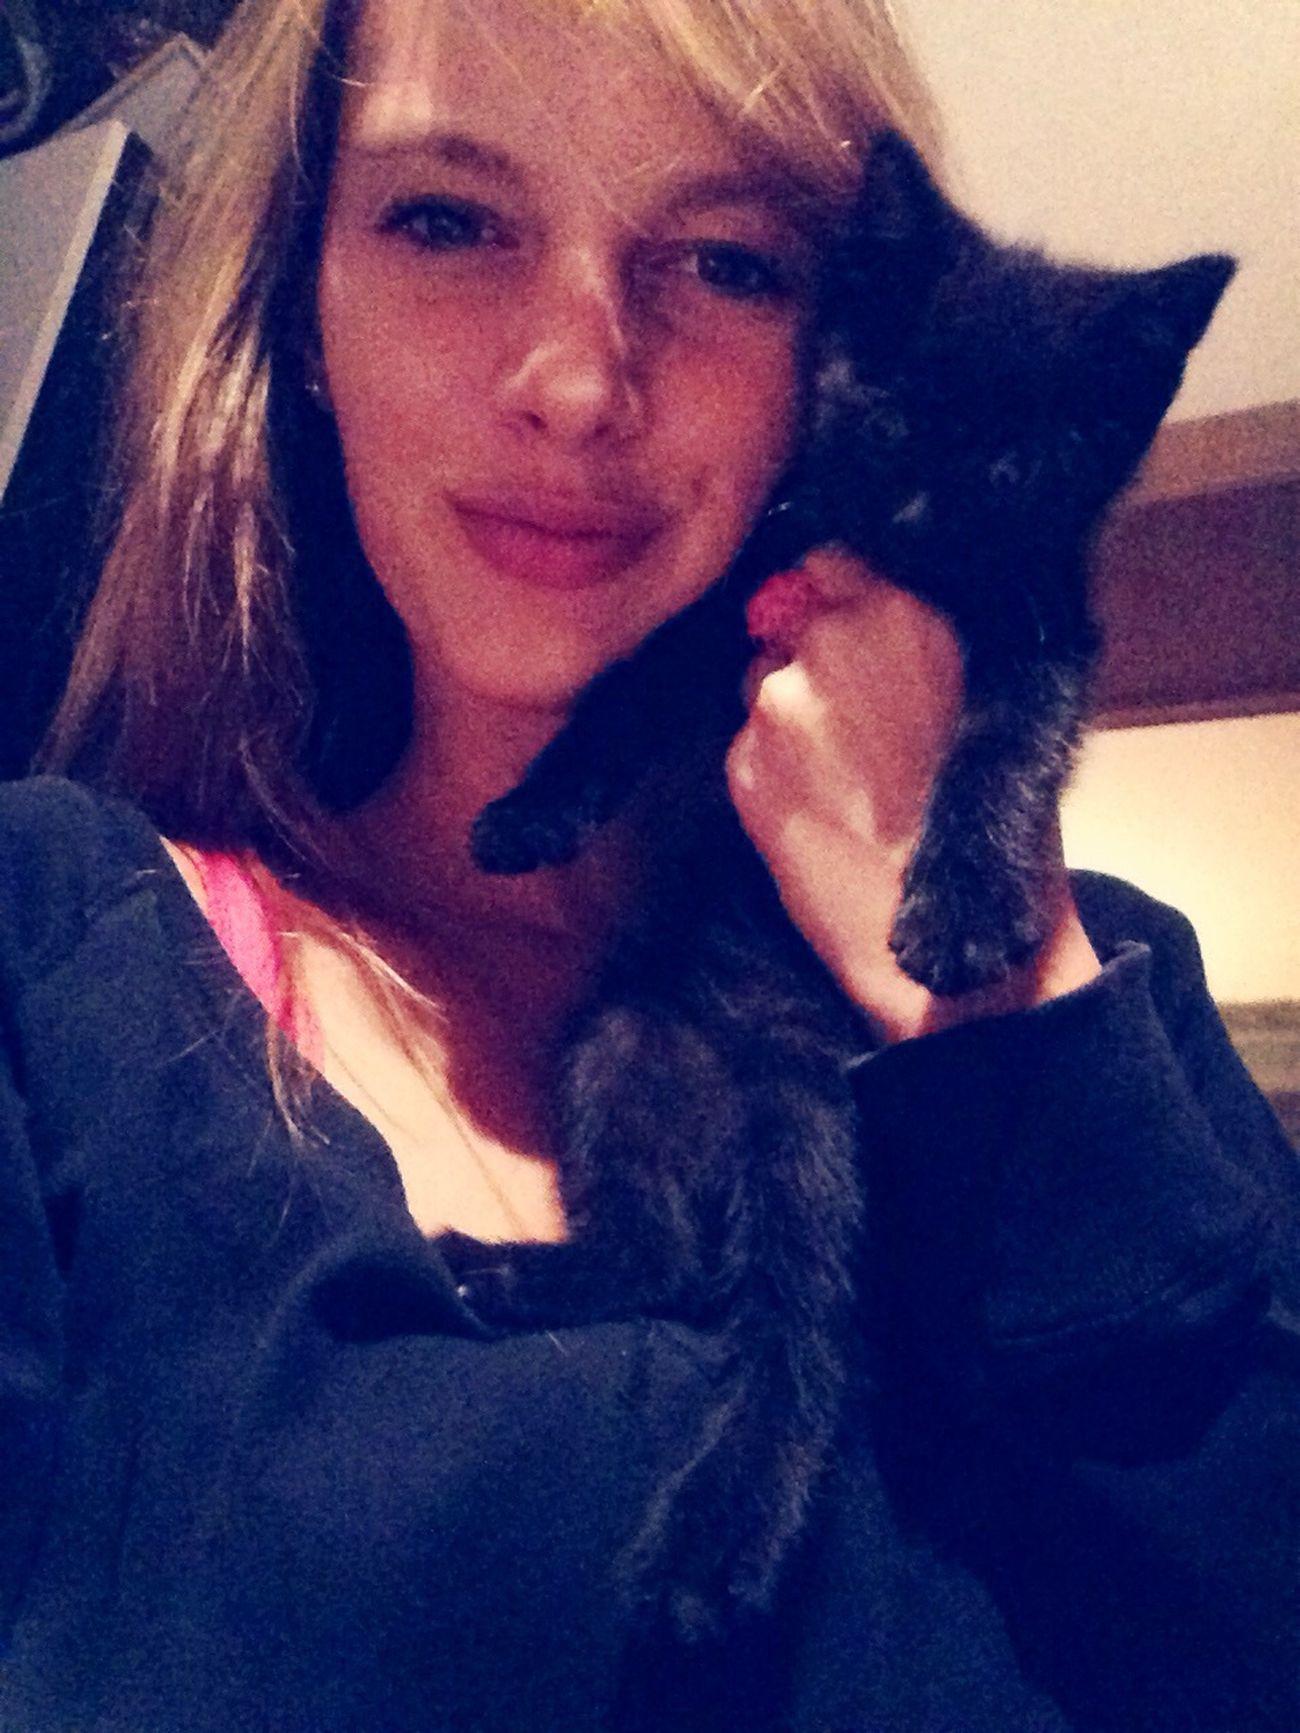 Cut baby cat ❤️